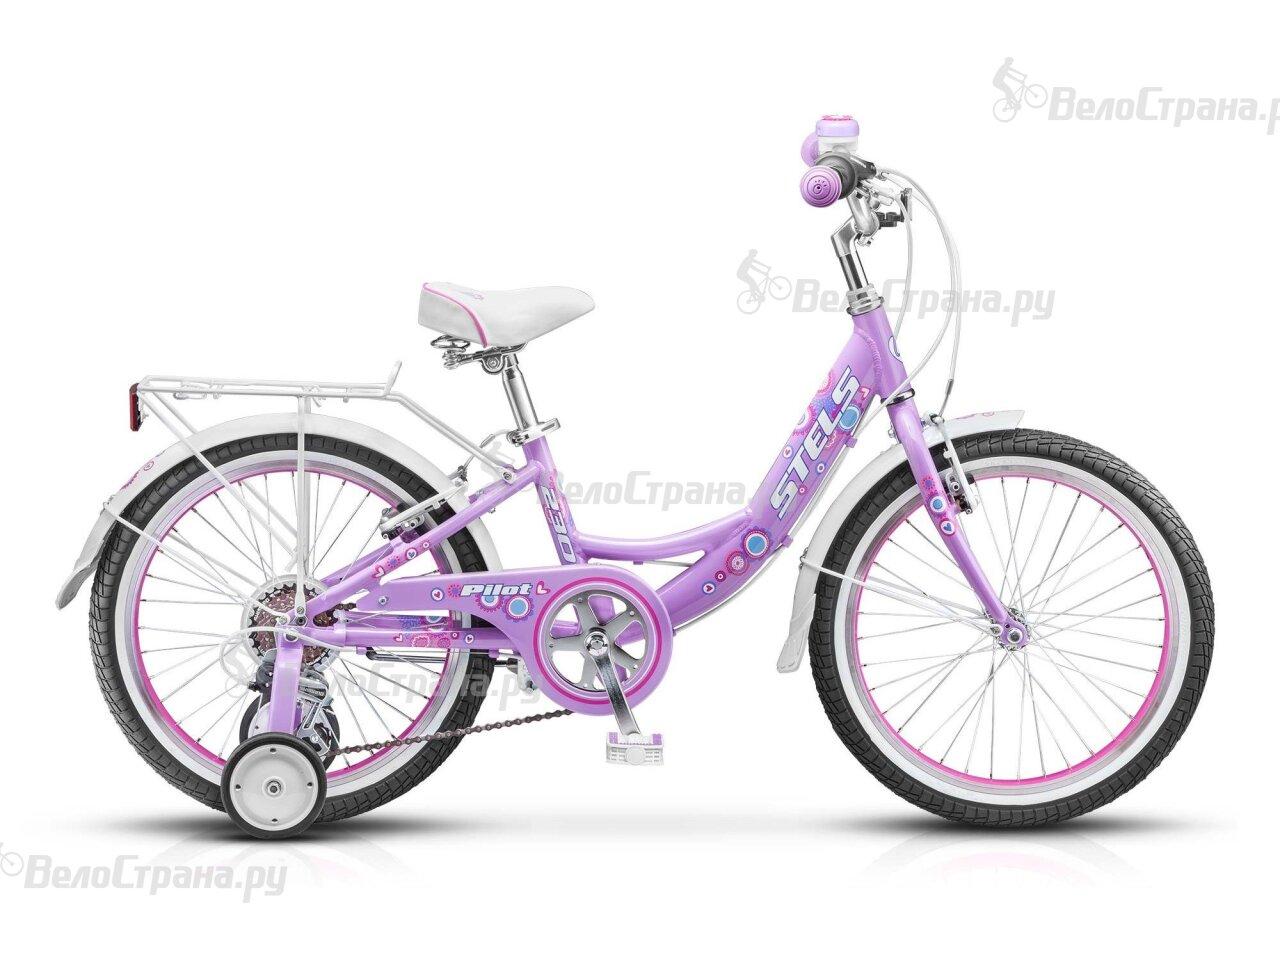 Велосипед Stels Pilot 230 Lady (2017)